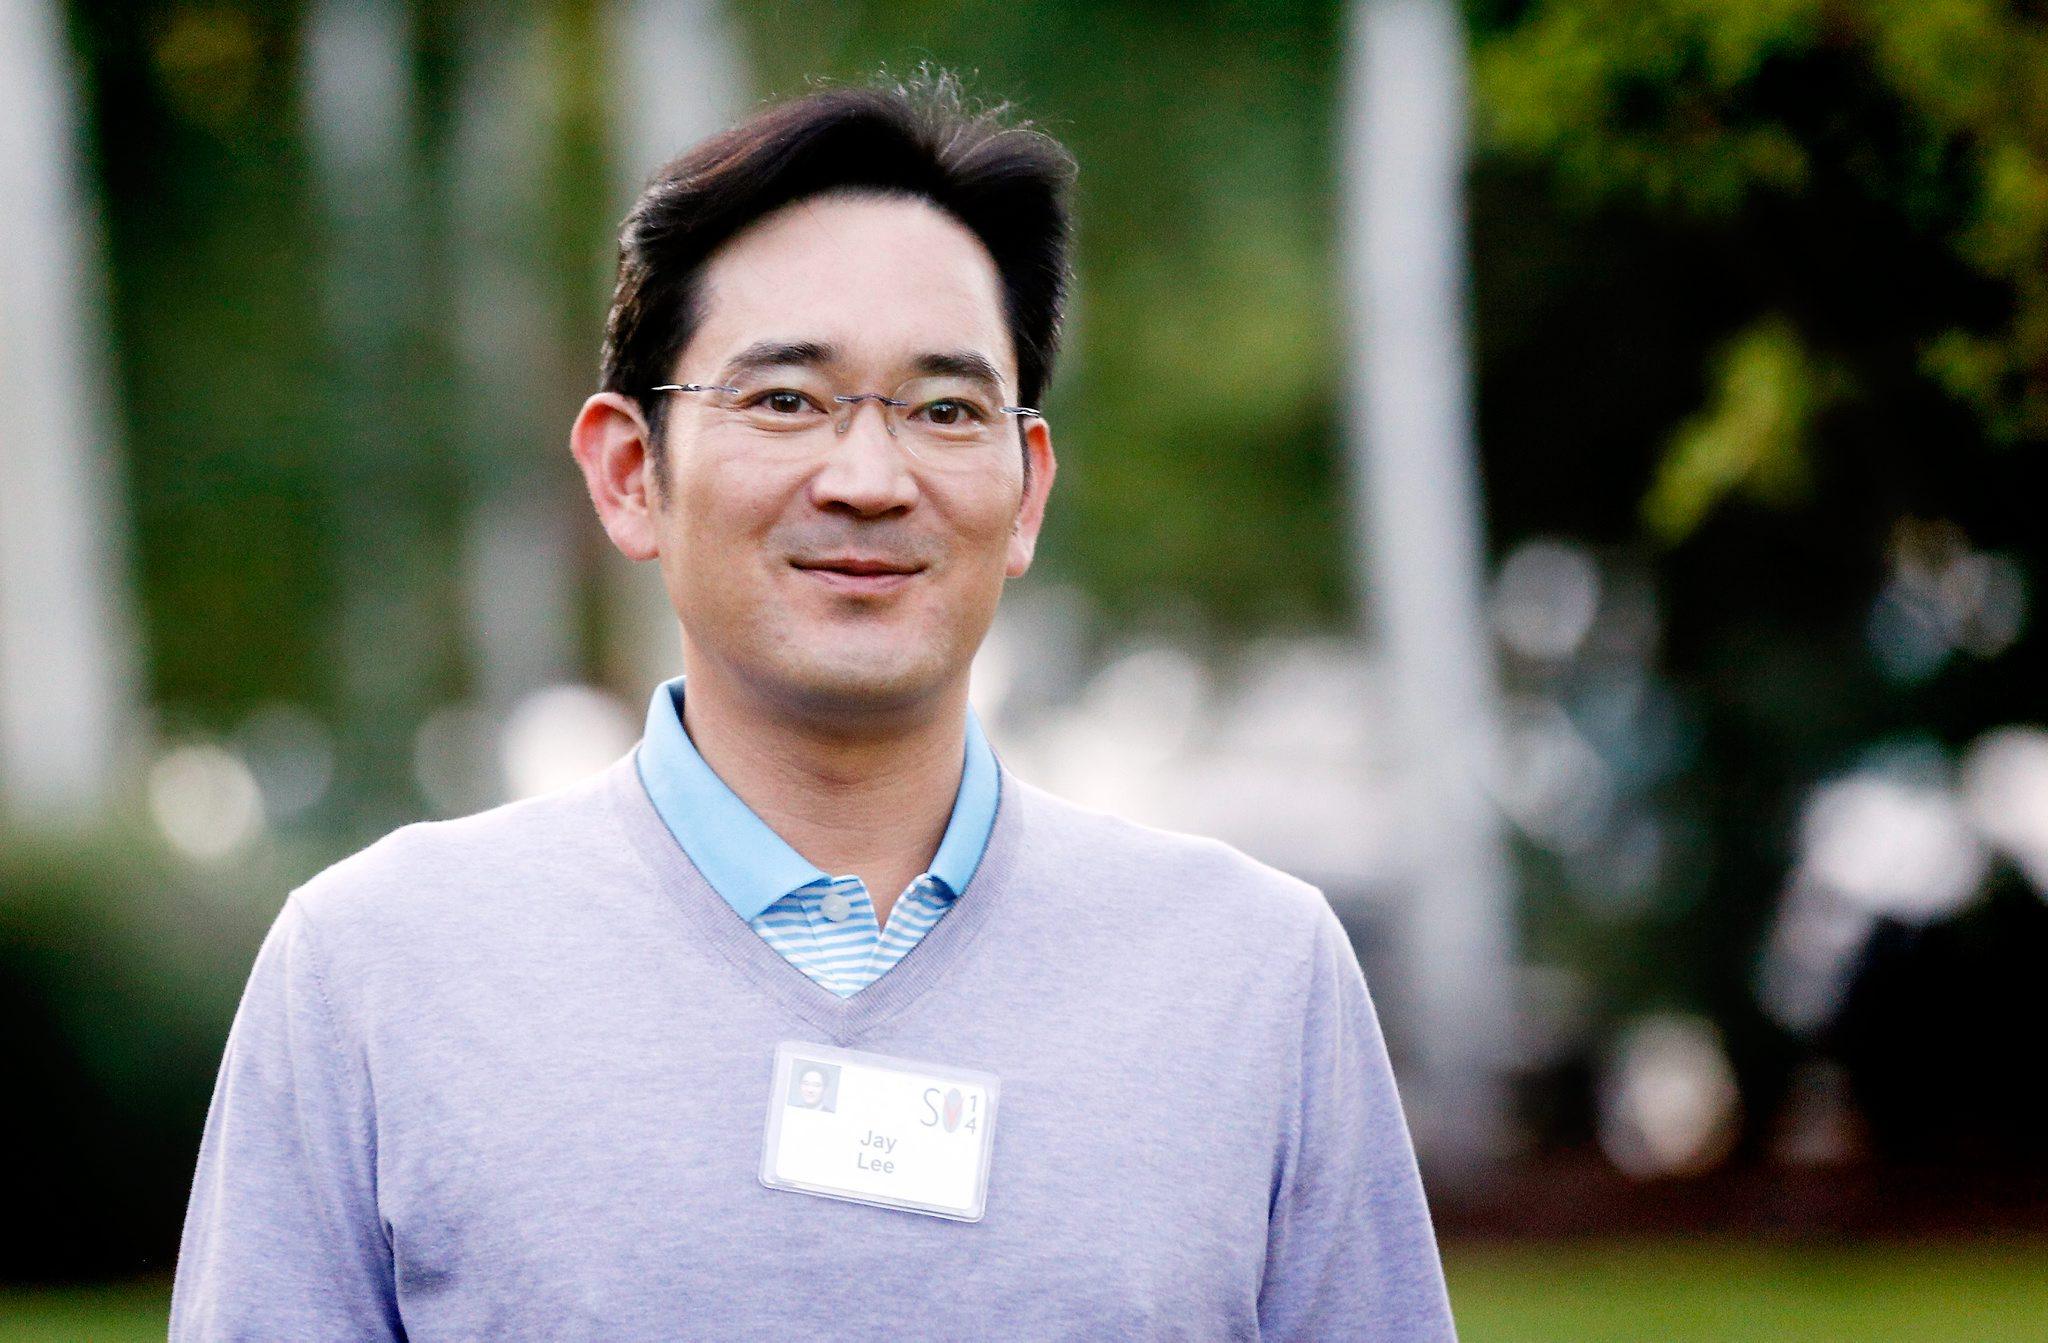 'Thái tử Samsung' không cần chức Chủ tịch dù cha còn sống hay đã mất - Ảnh 1.